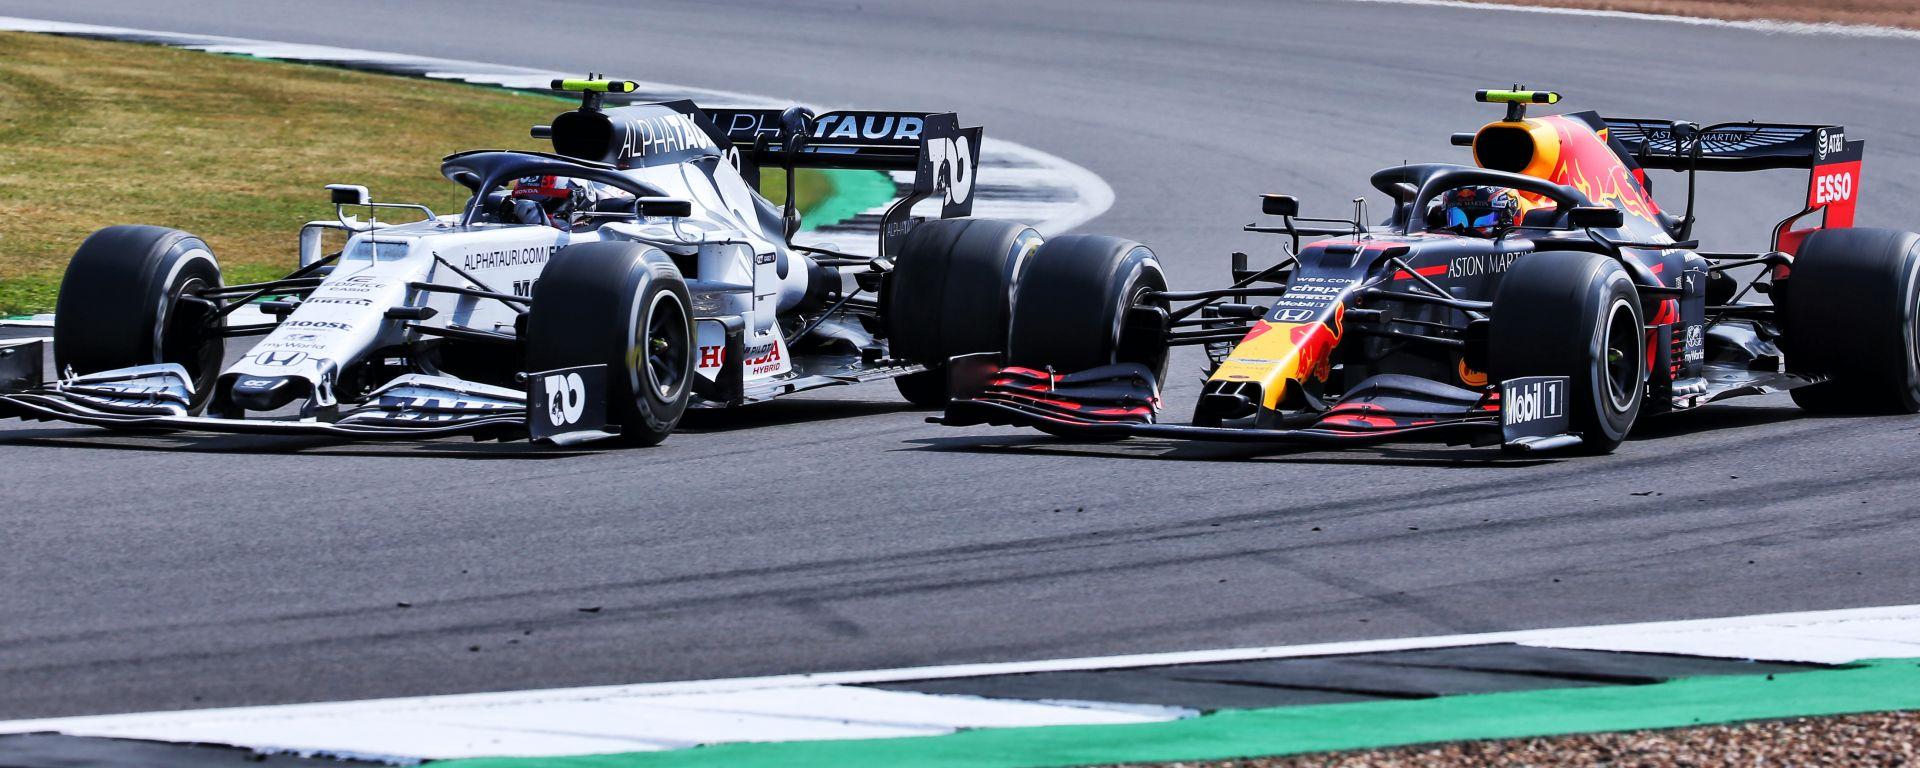 F1 2020: Pierre Gasly (Alpha Tauri) e Alex Albon (Red Bull)